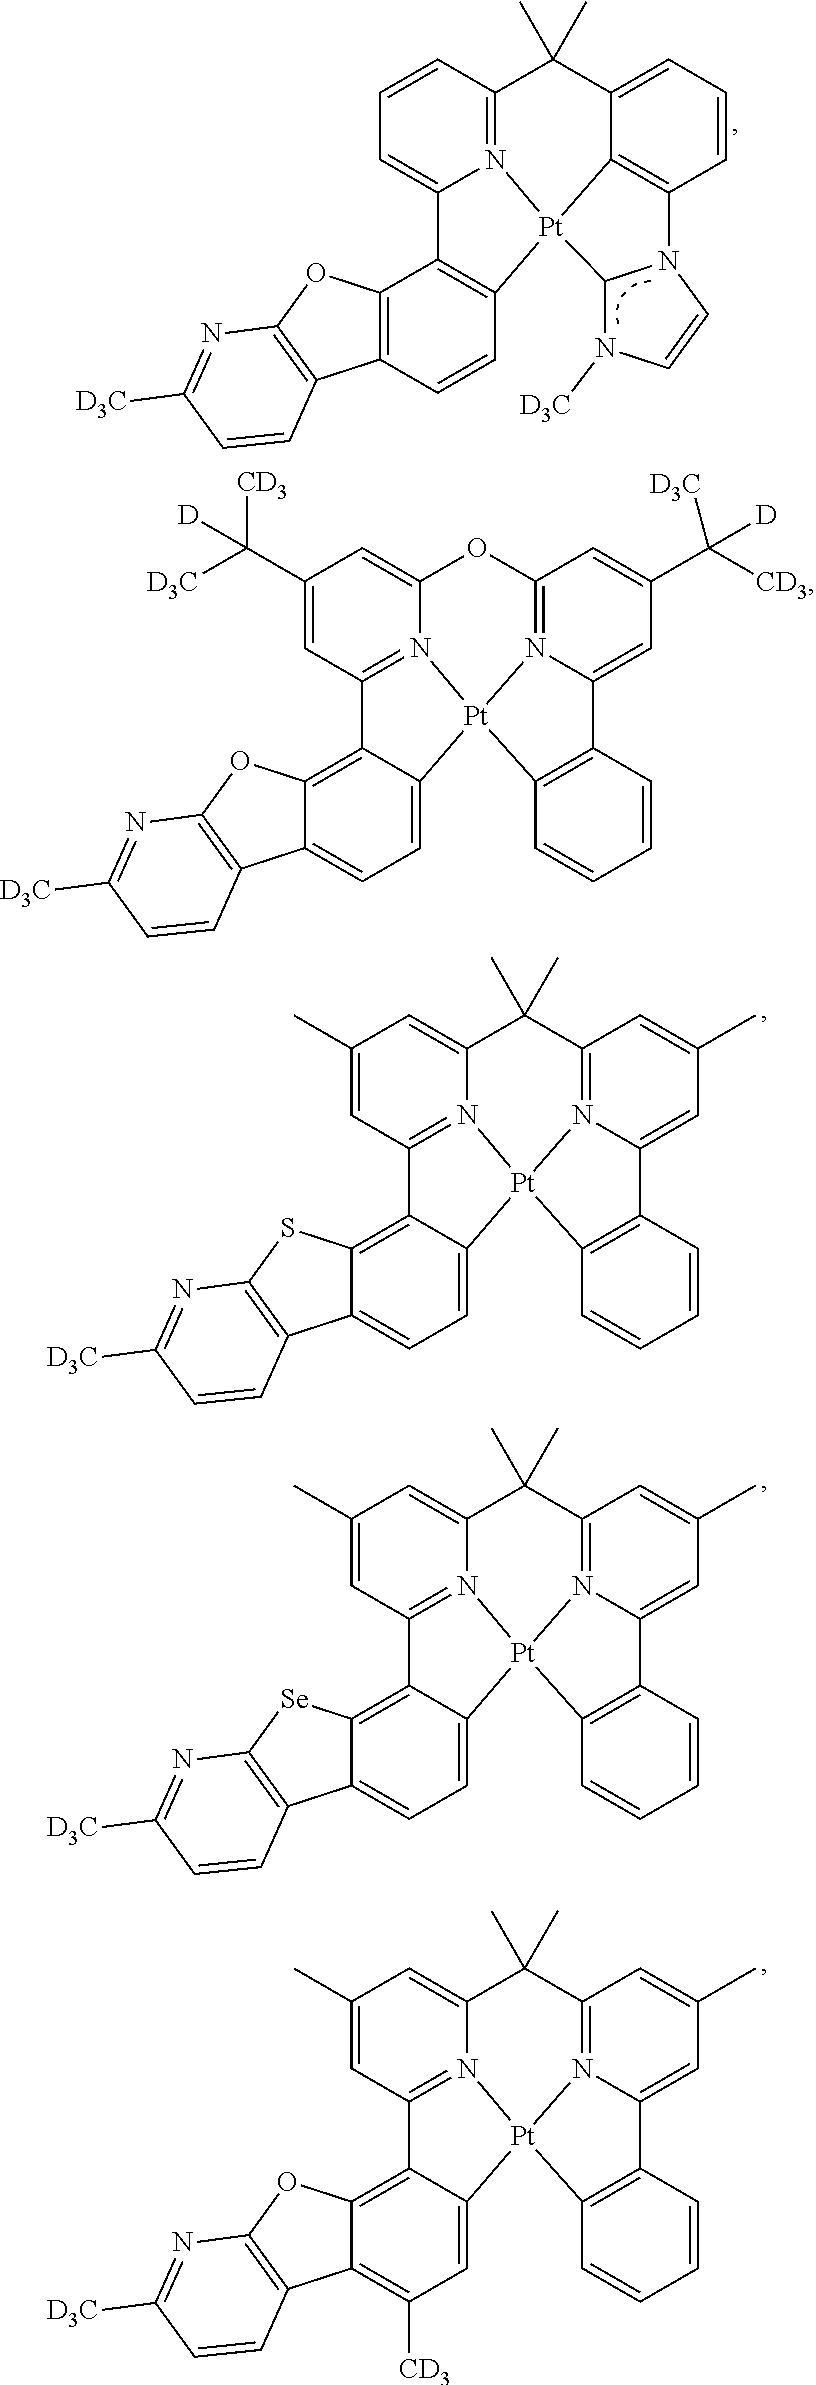 Figure US09871214-20180116-C00056